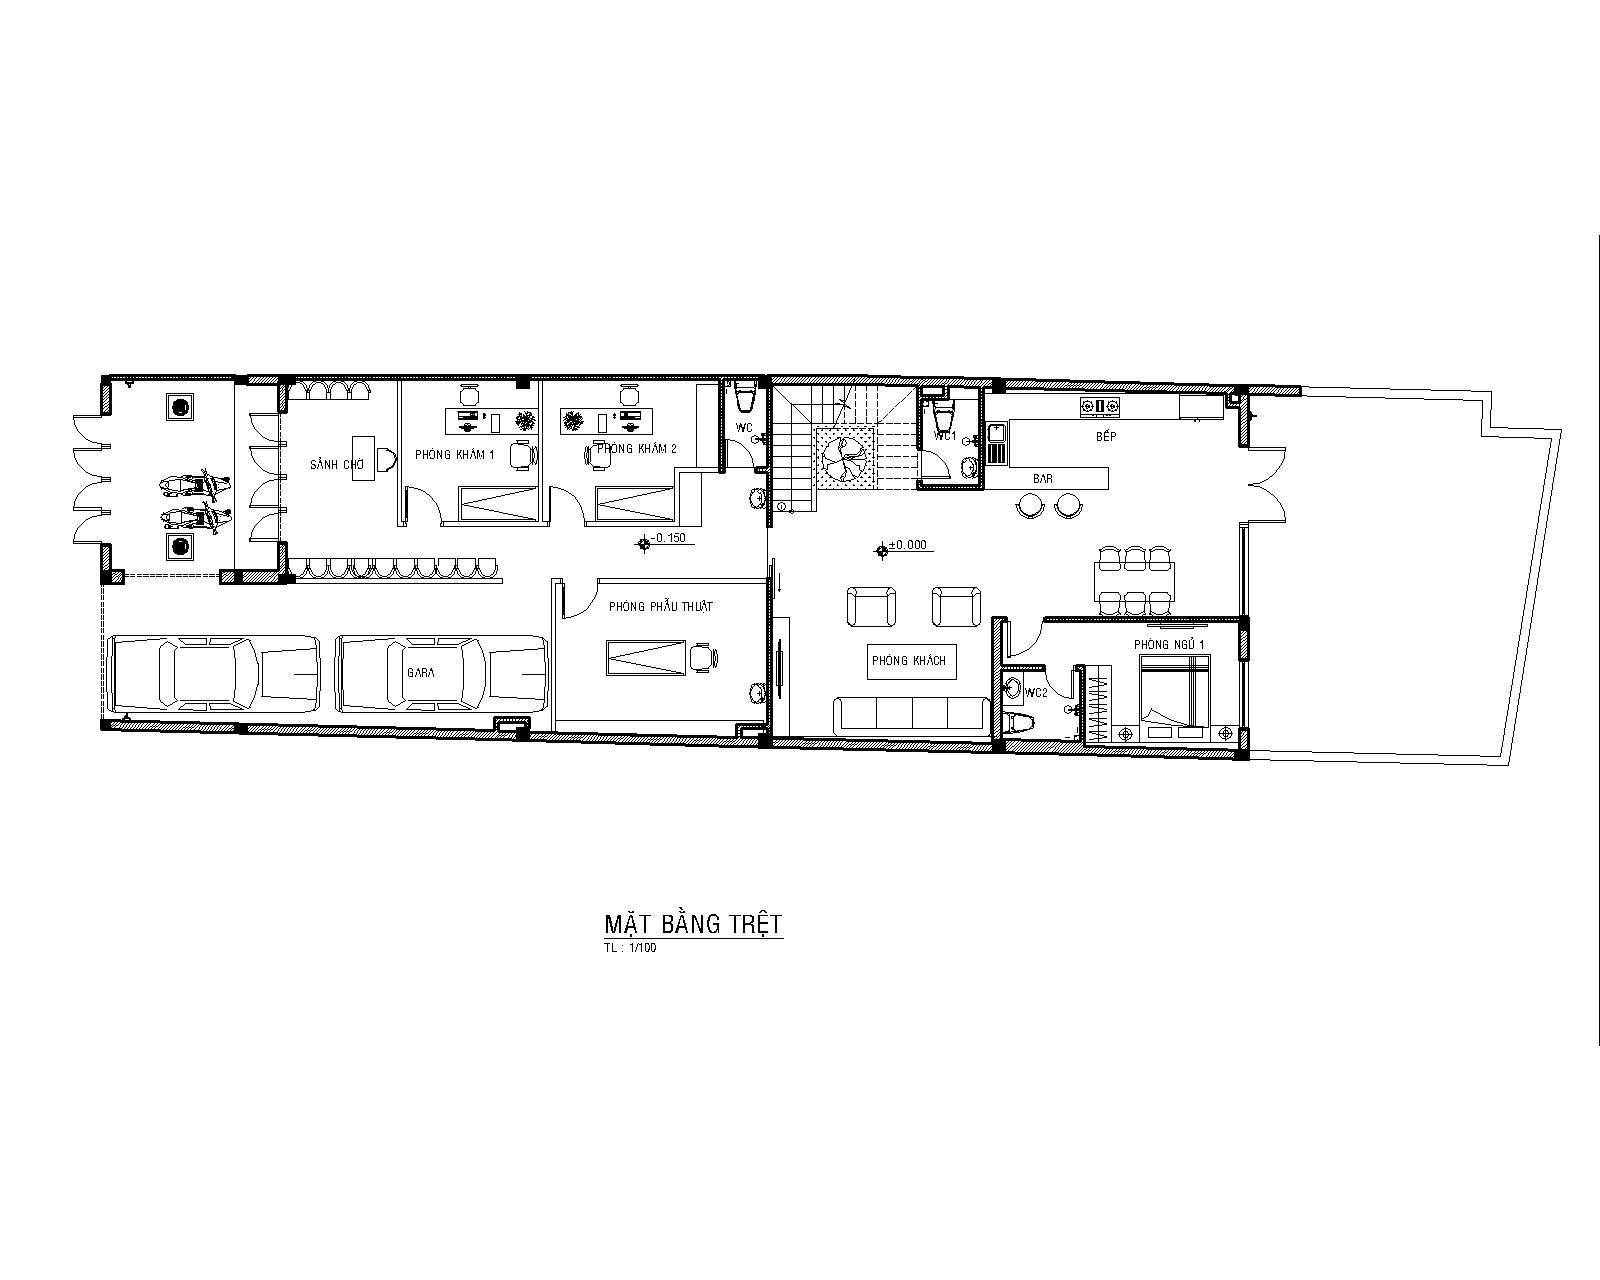 Mặt bằng trệt - bản vẽ mẫu nhà 3 tầng đẹp